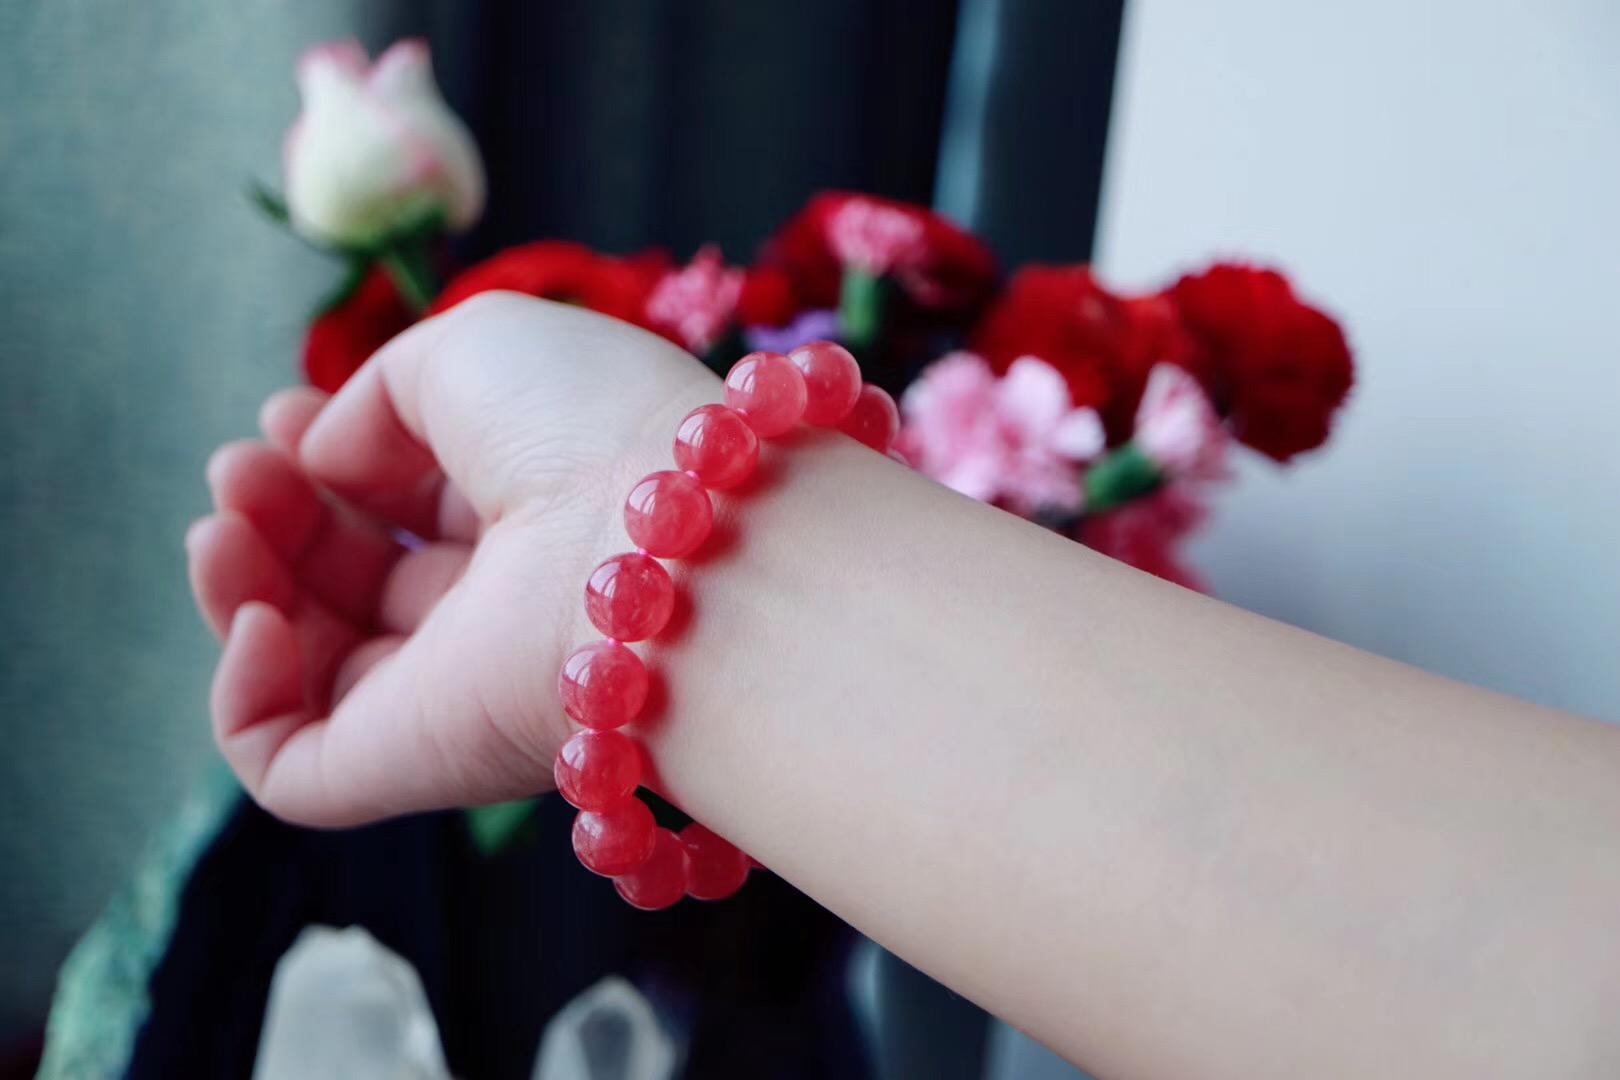 【菩心|红纹石】爱神的化身,带来幸福和喜悦-菩心晶舍